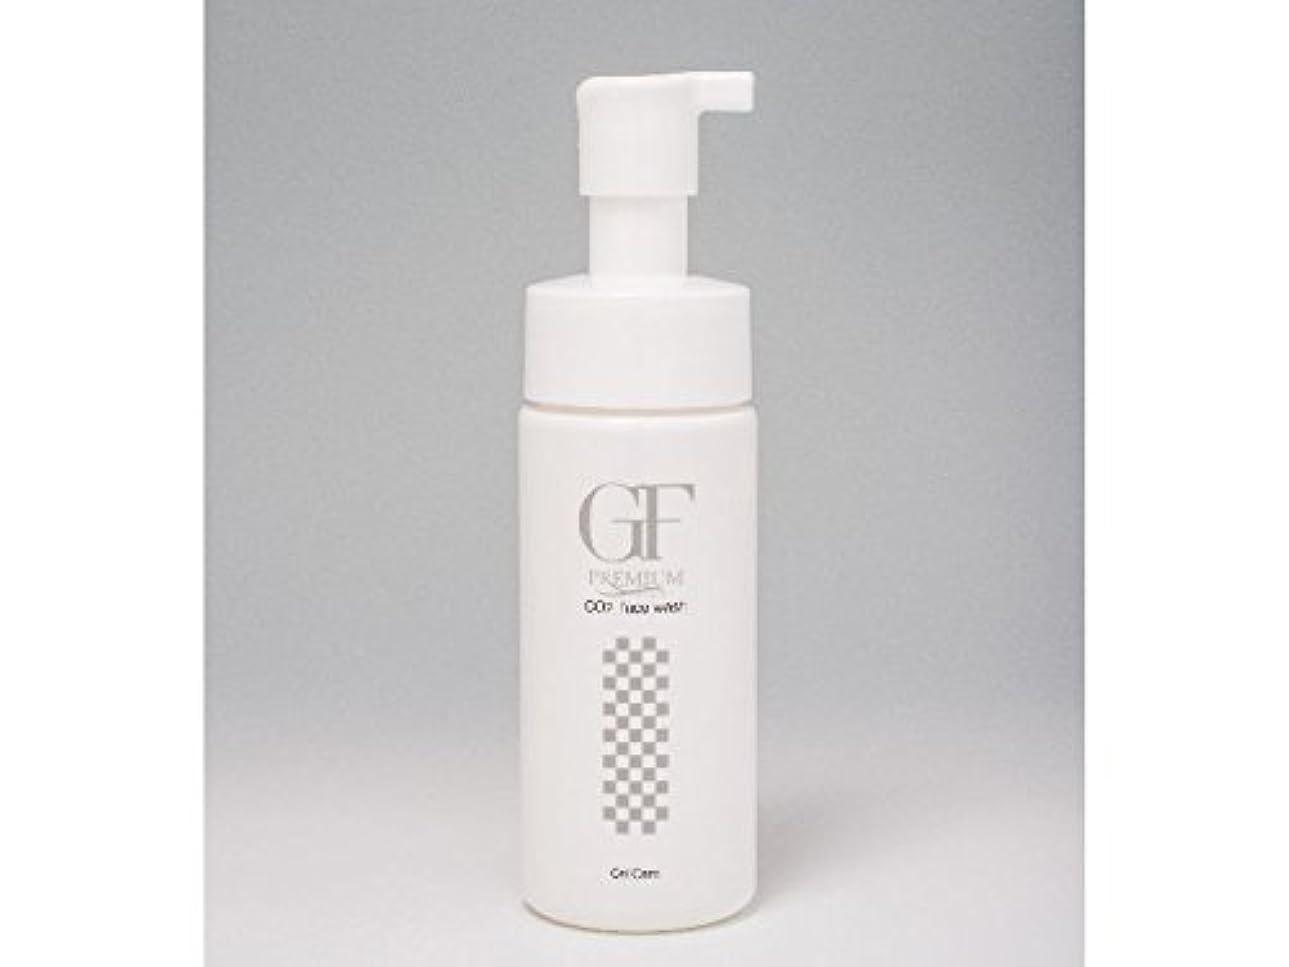 反応する難しい移民セルケア GFプレミアム EG炭酸洗顔フォーム 150ml